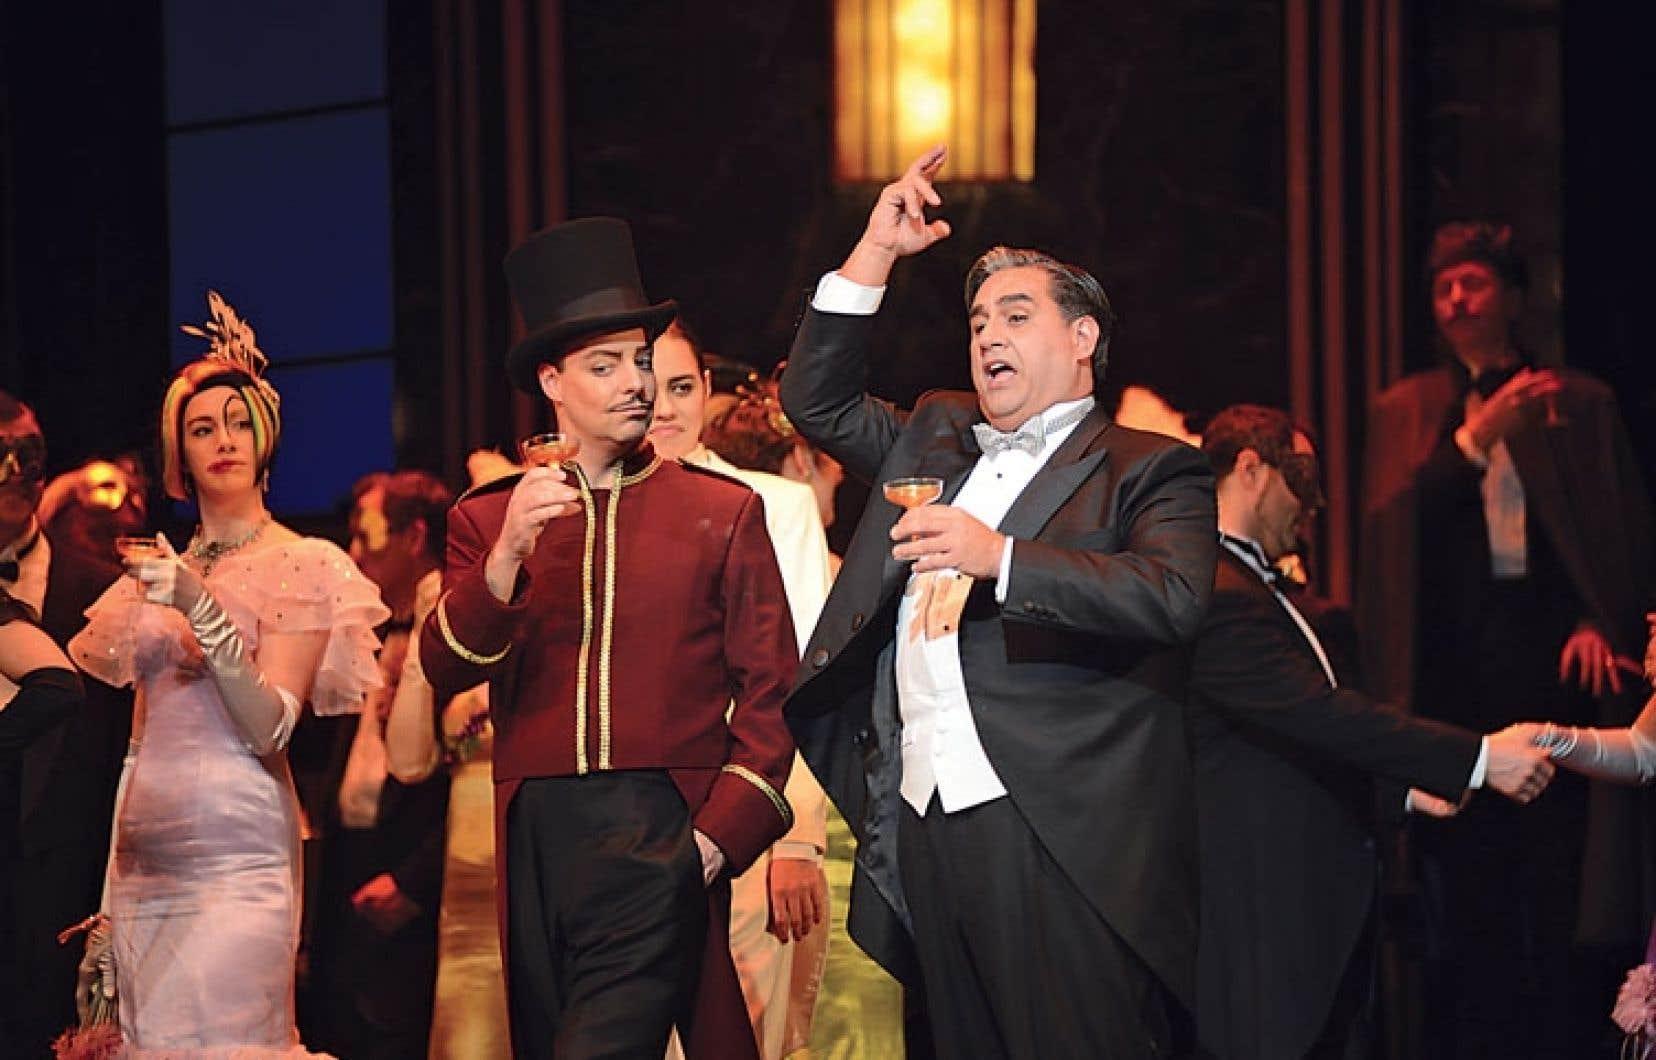 La chauve-souris de l'Opéra de Montréal a fait couler beaucoup d'encre ces dernières semaines, après que le ténor Marc Hervieux eut dénoncé l'utilisation de mannequins sur les affiches qui en faisaient la promotion.